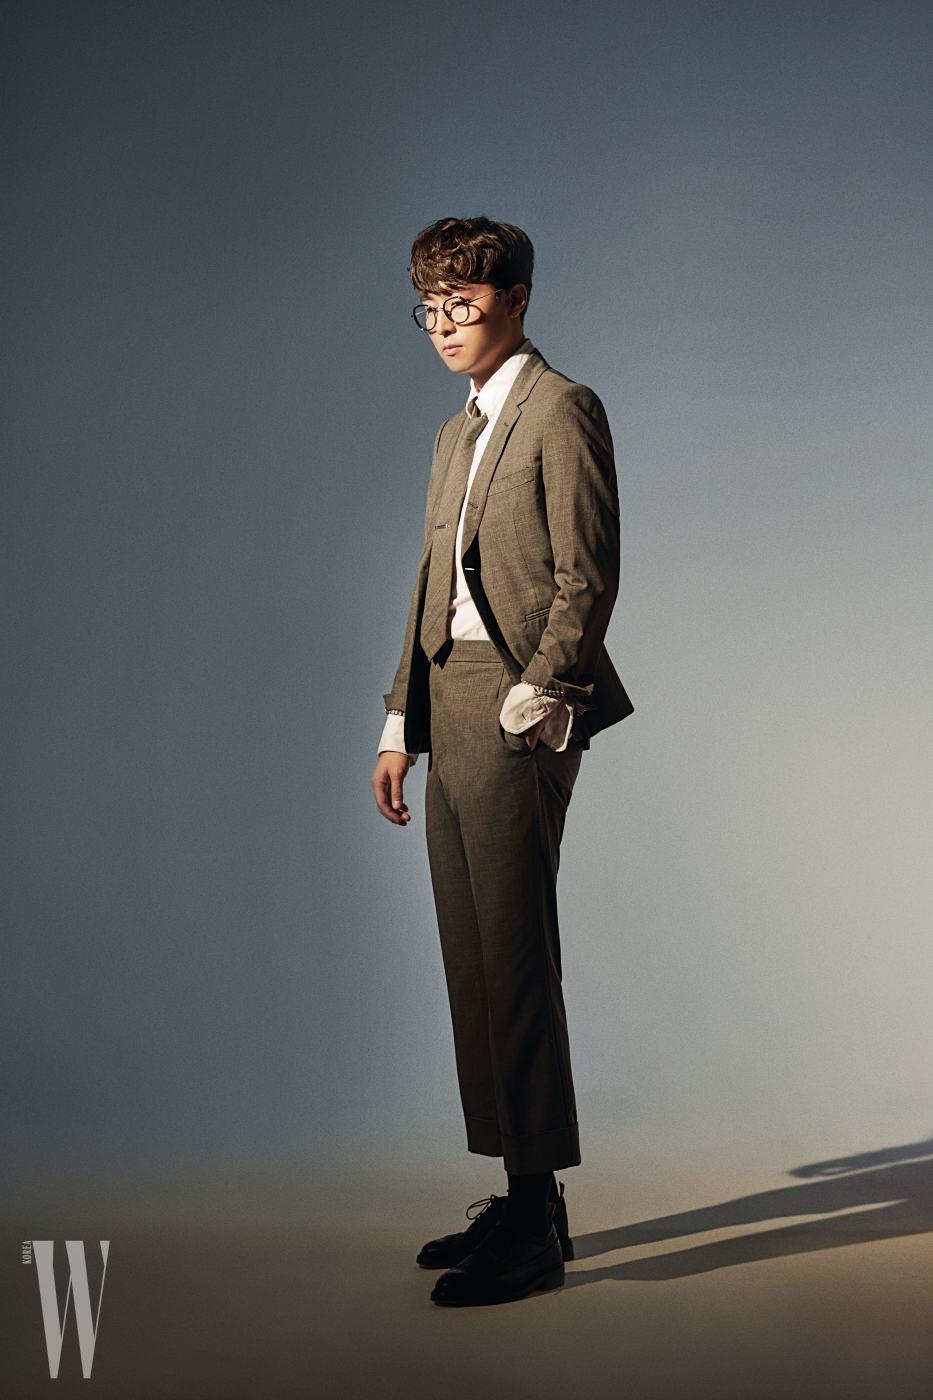 권순관이 입은 화이트 셔츠, 넥타이와 핀, 그레이 슈트, 슈즈는 모두 톰 브라운, 안경은 마스카 제품.